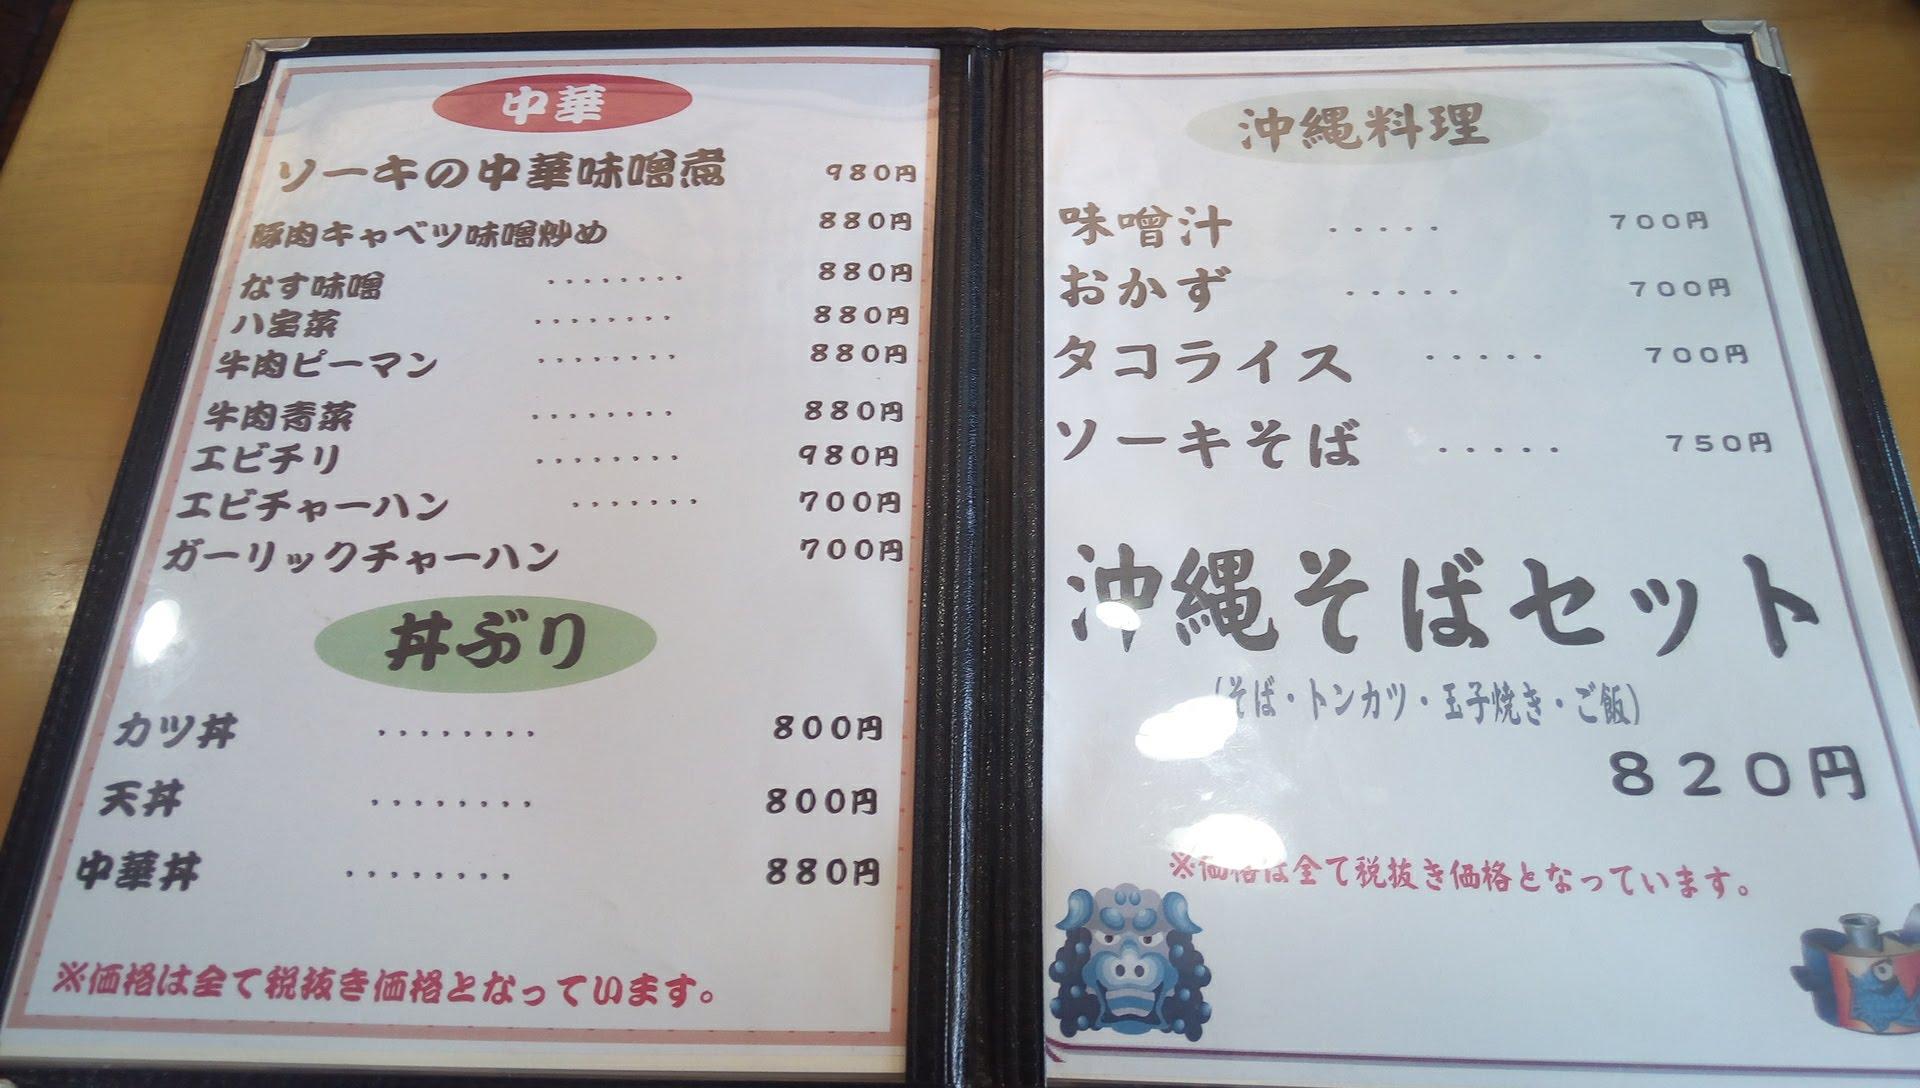 オークレストランのメニュー2